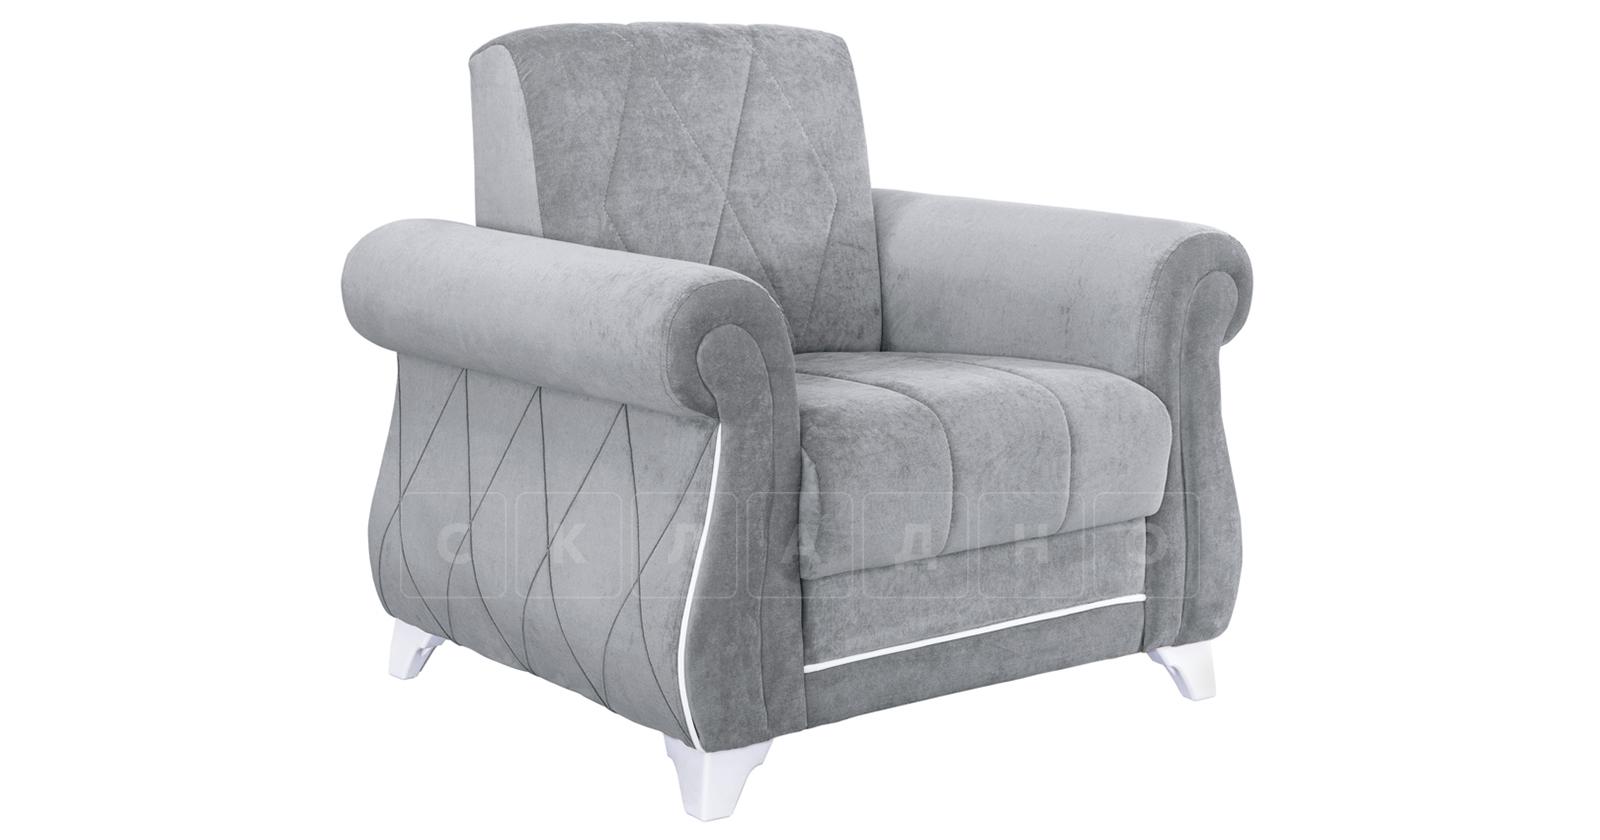 Кресло для отдыха Роза энерджи фото 1 | интернет-магазин Складно